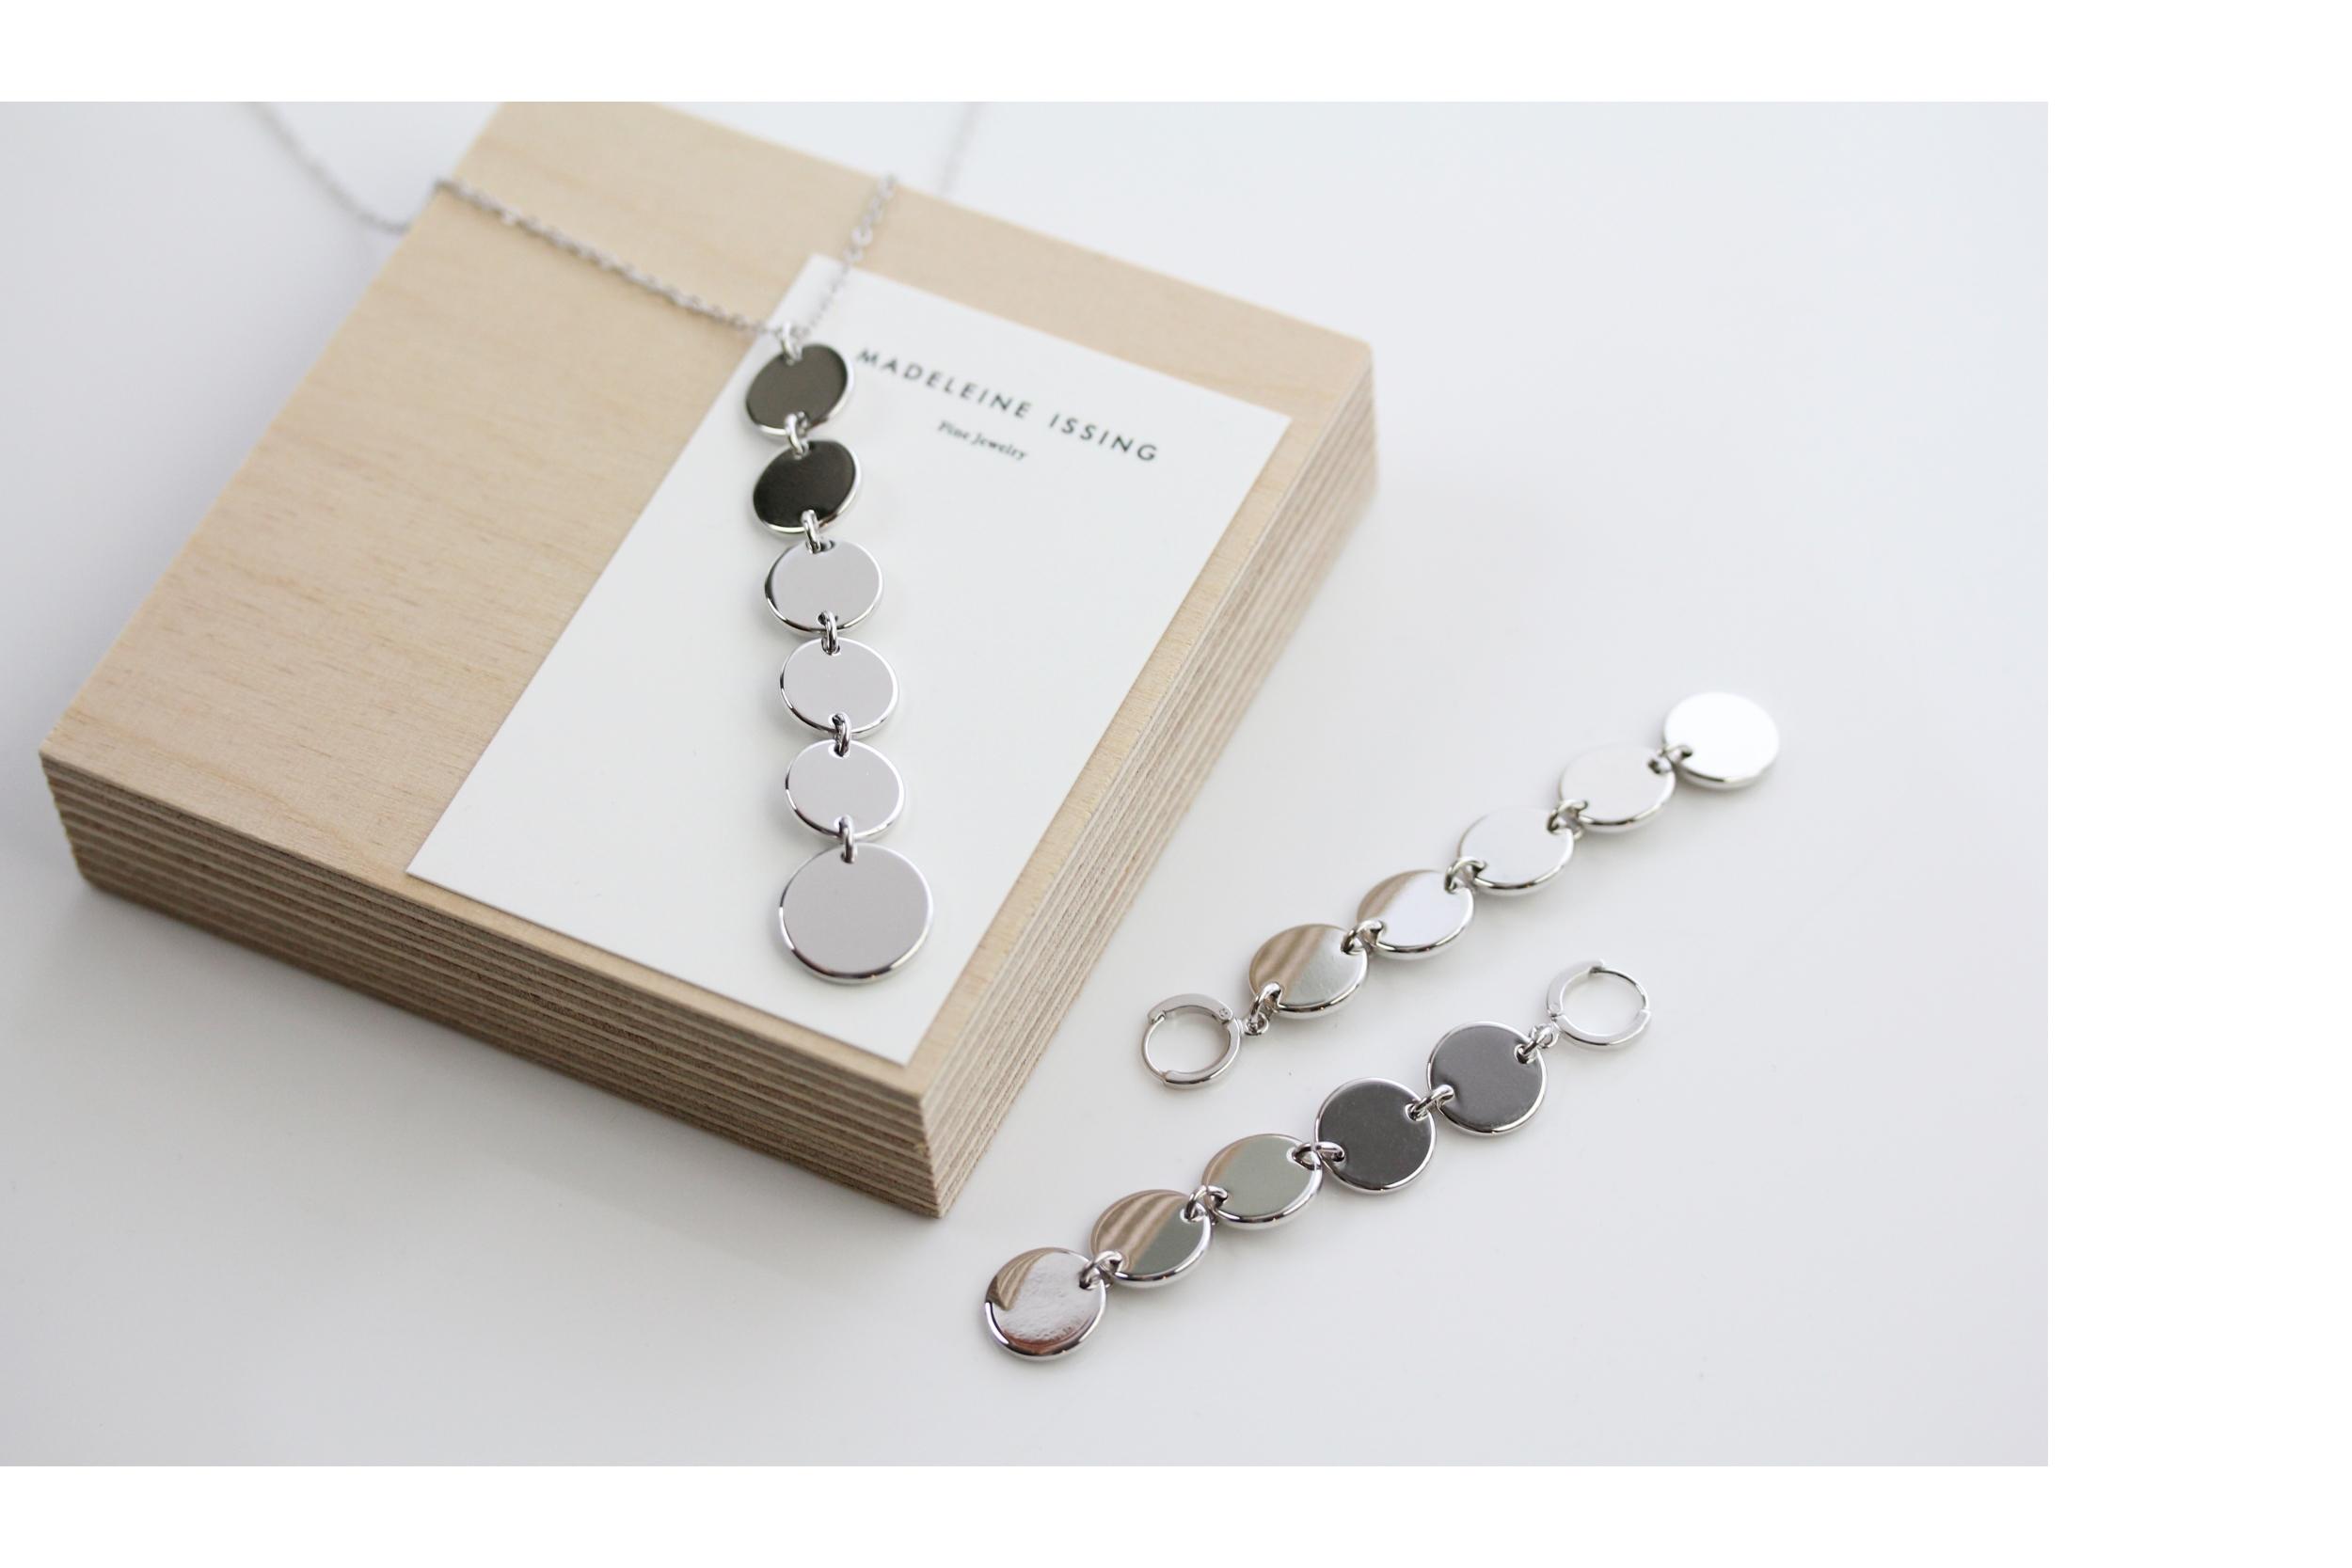 enge Halsketten in Silber Madeleine Issing